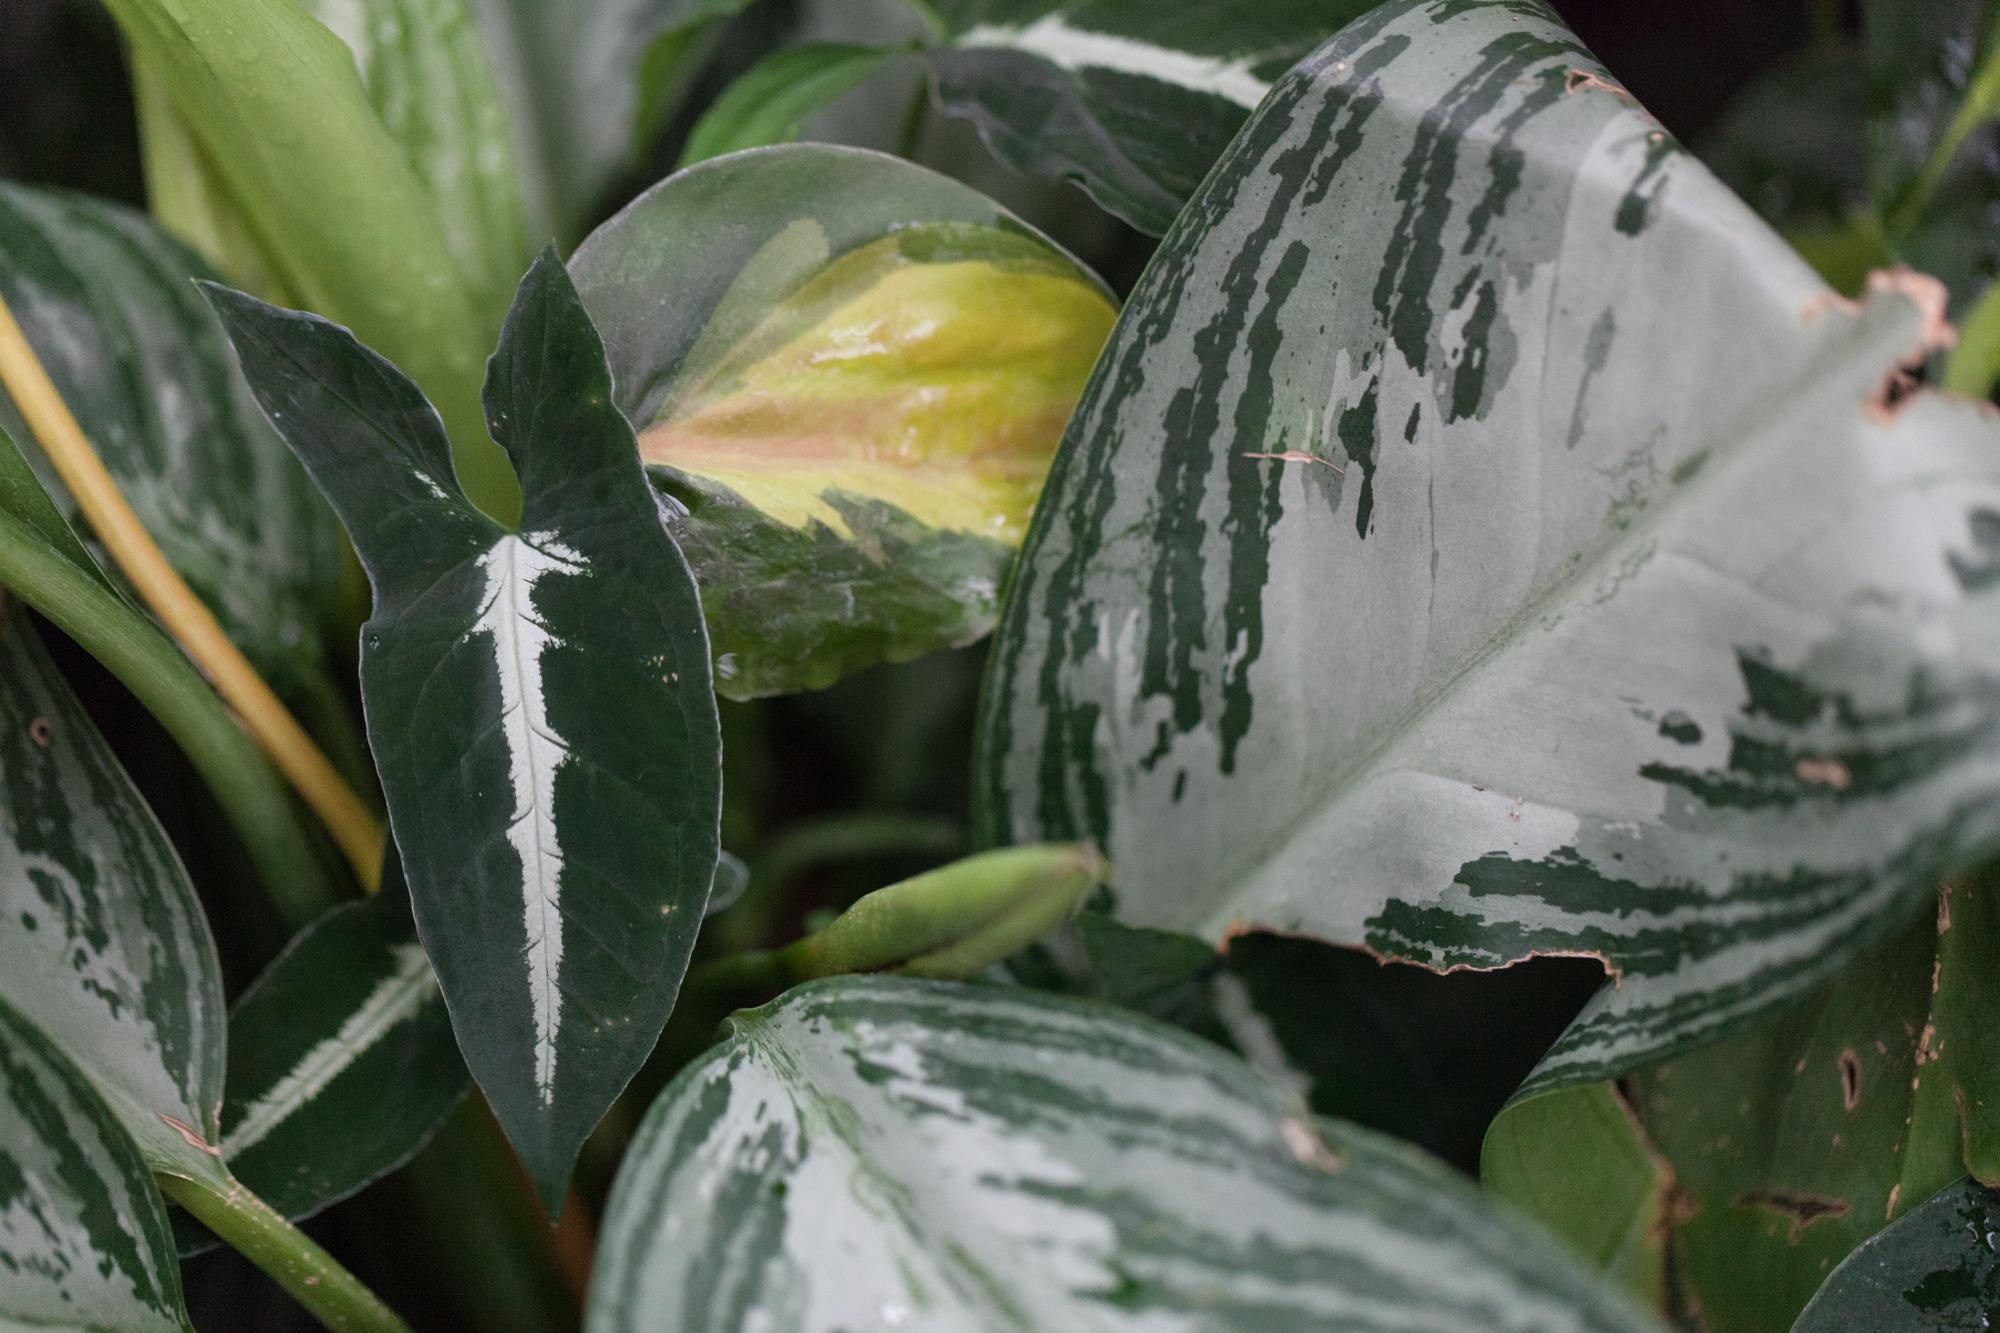 Syngonium rayii  among  Aglaonema